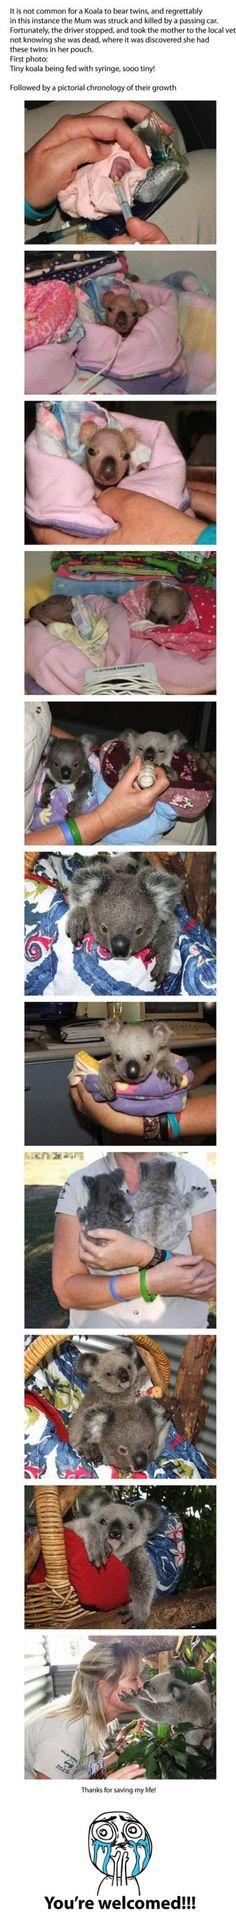 Cute Koala Story